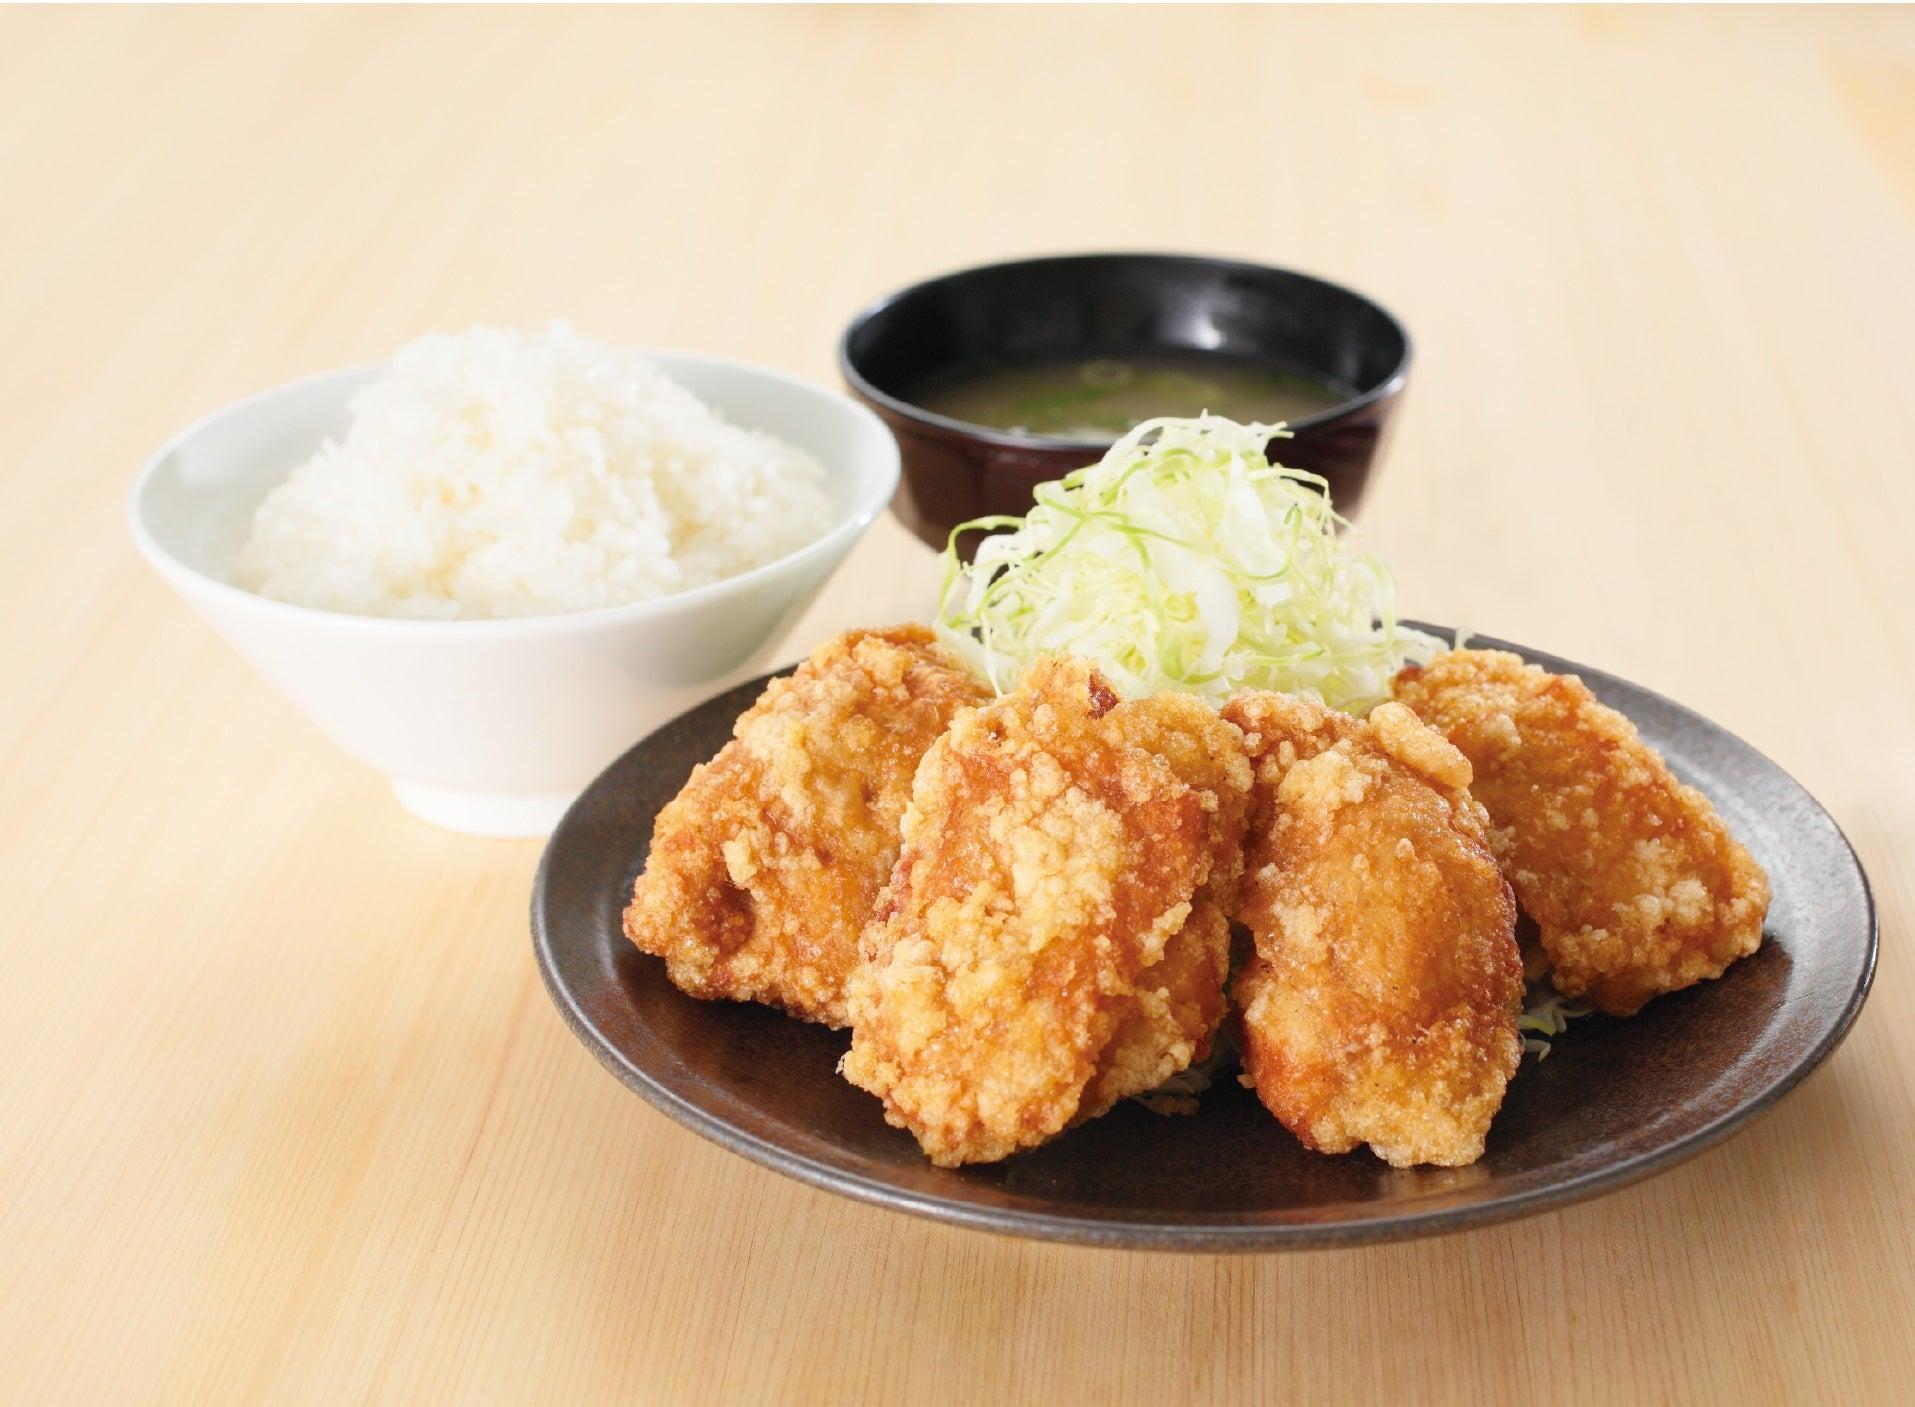 東京淺草炸雞專門店 KARAYAMA delivery from Cheung Sha Wan - Order with Deliveroo